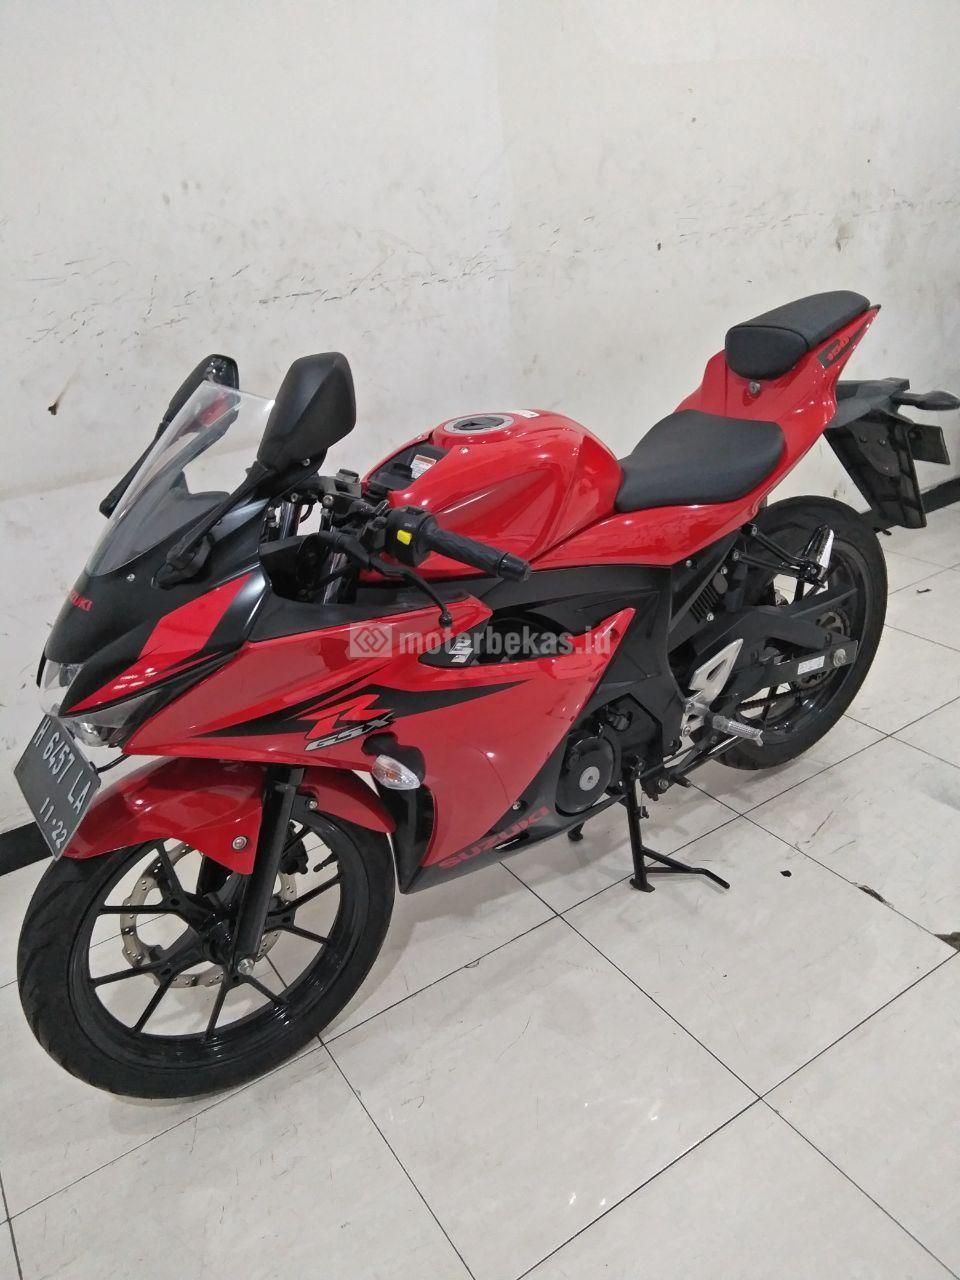 SUZUKI GSX 150R  3067 motorbekas.id